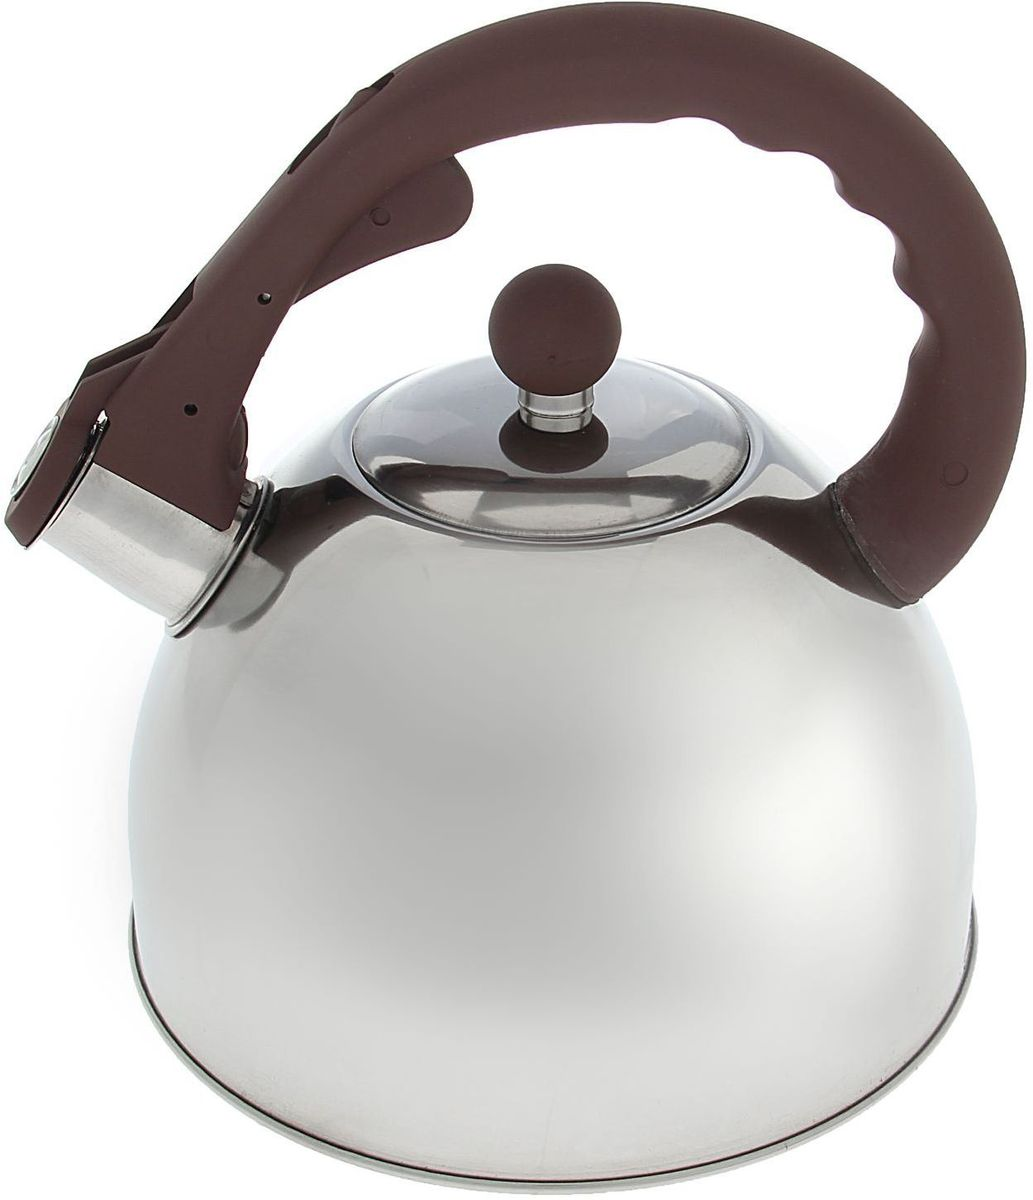 Чайник Доляна Бэйсик, со свистком, цвет: коричневый, стальной, 2,5 лVT-1520(SR)Чайник Доляна Бэйсик выполнен из высококачественной нержавеющей стали. Материал изделия отличается неприхотливостью в уходе, безукоризненной функциональностью, гигиеничностью и стойкостью к коррозии. Чайники из нержавеющей стали абсолютно безопасны для здоровья человека. Благодаря низкой теплопроводности модели вода дольше остается горячей, а качественное дно гарантирует быстрый нагрев. Чайник снабжен фиксированной ручкой из пластика с приятным на ощупь покрытием Soft-Touch. Свисток на носике чайника громко оповестит, когда закипела вода. Свисток открывается нажатием кнопки на рукоятке. Подходит для газовых, электрических, стеклокерамических, галогеновых, индукционных плит.